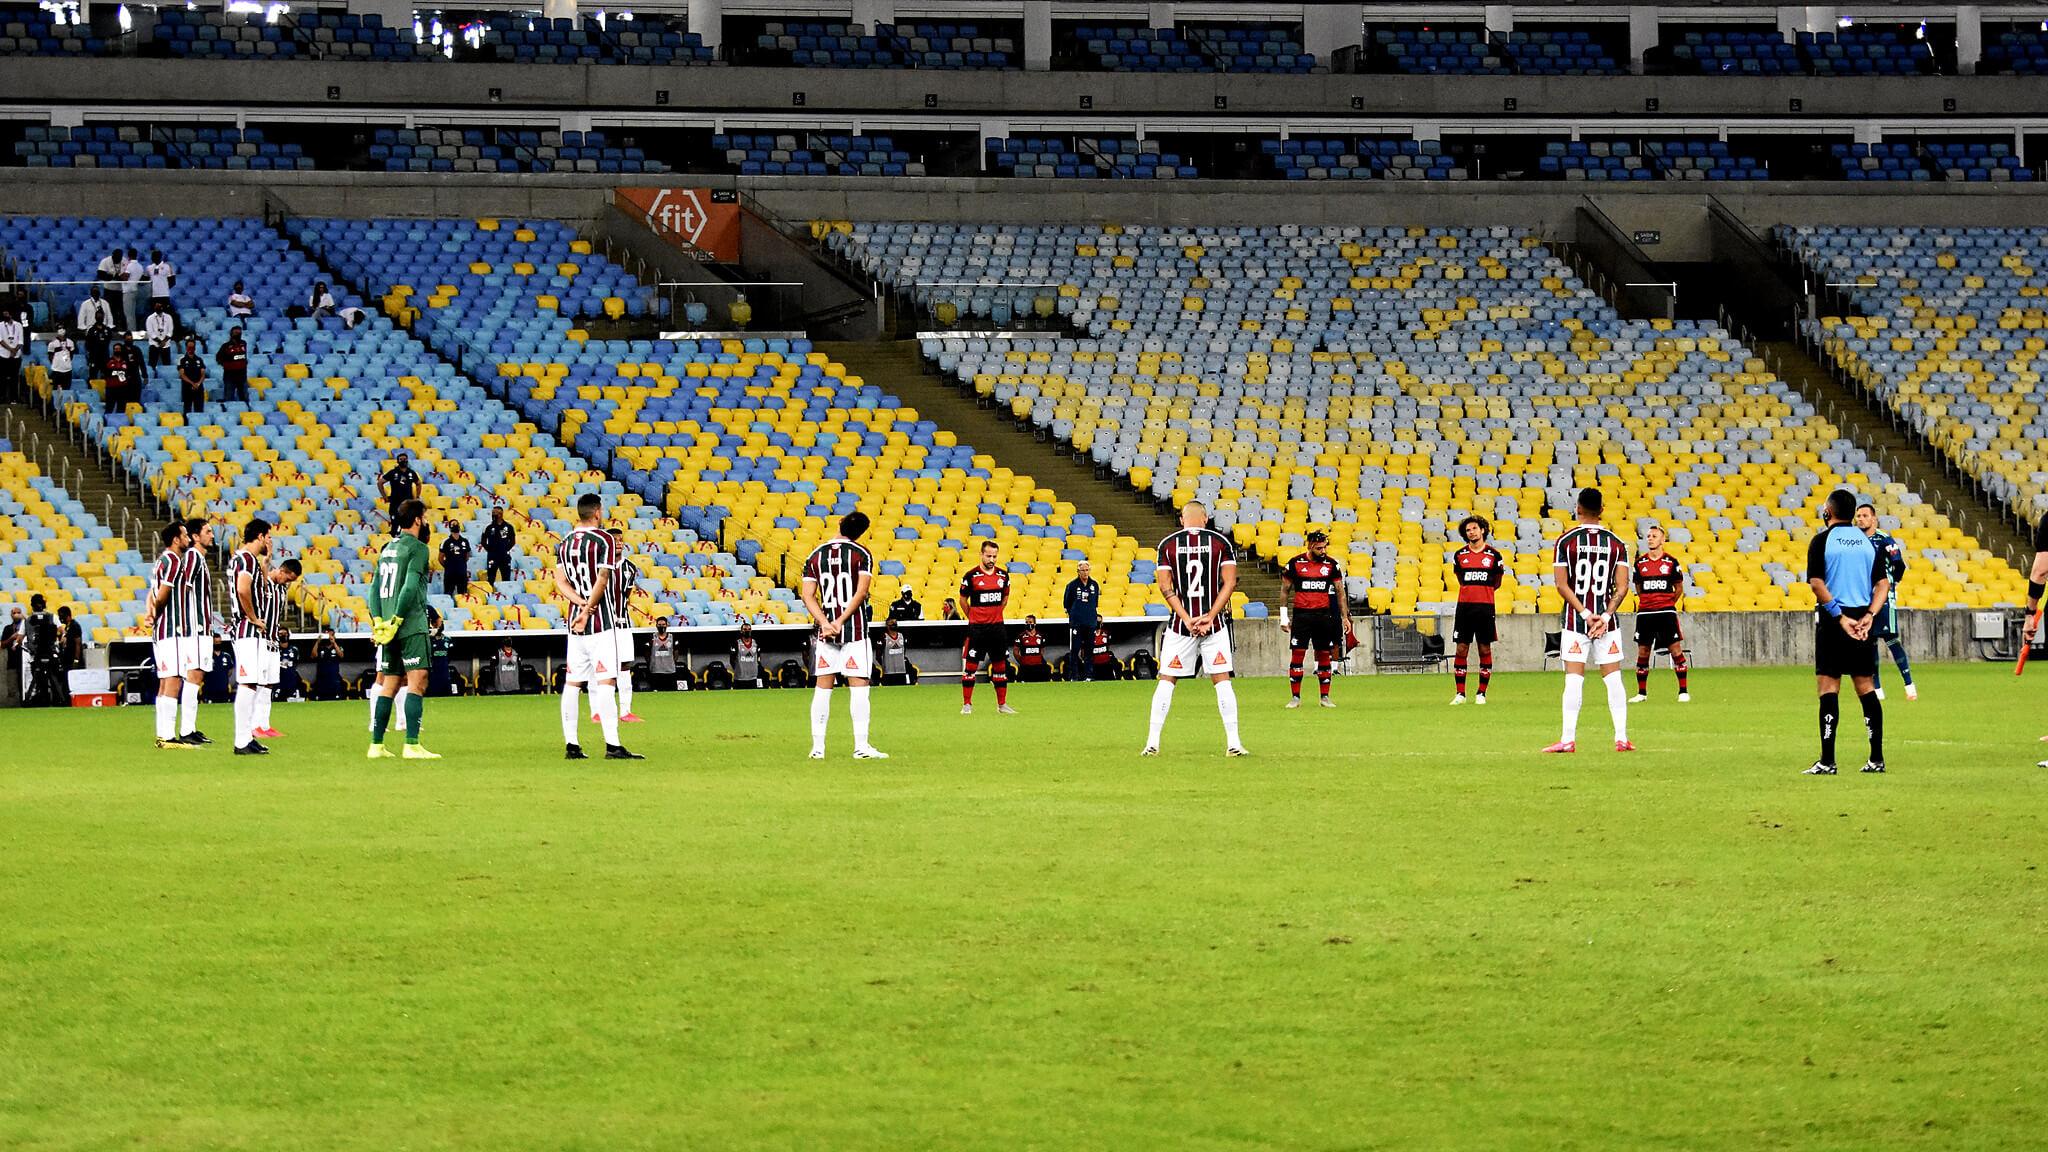 Fla-Flu à Maracanã le 8 juillet 2020 (Photo de Mailson Santana / FLUMINENSE FC via Photos publiques)